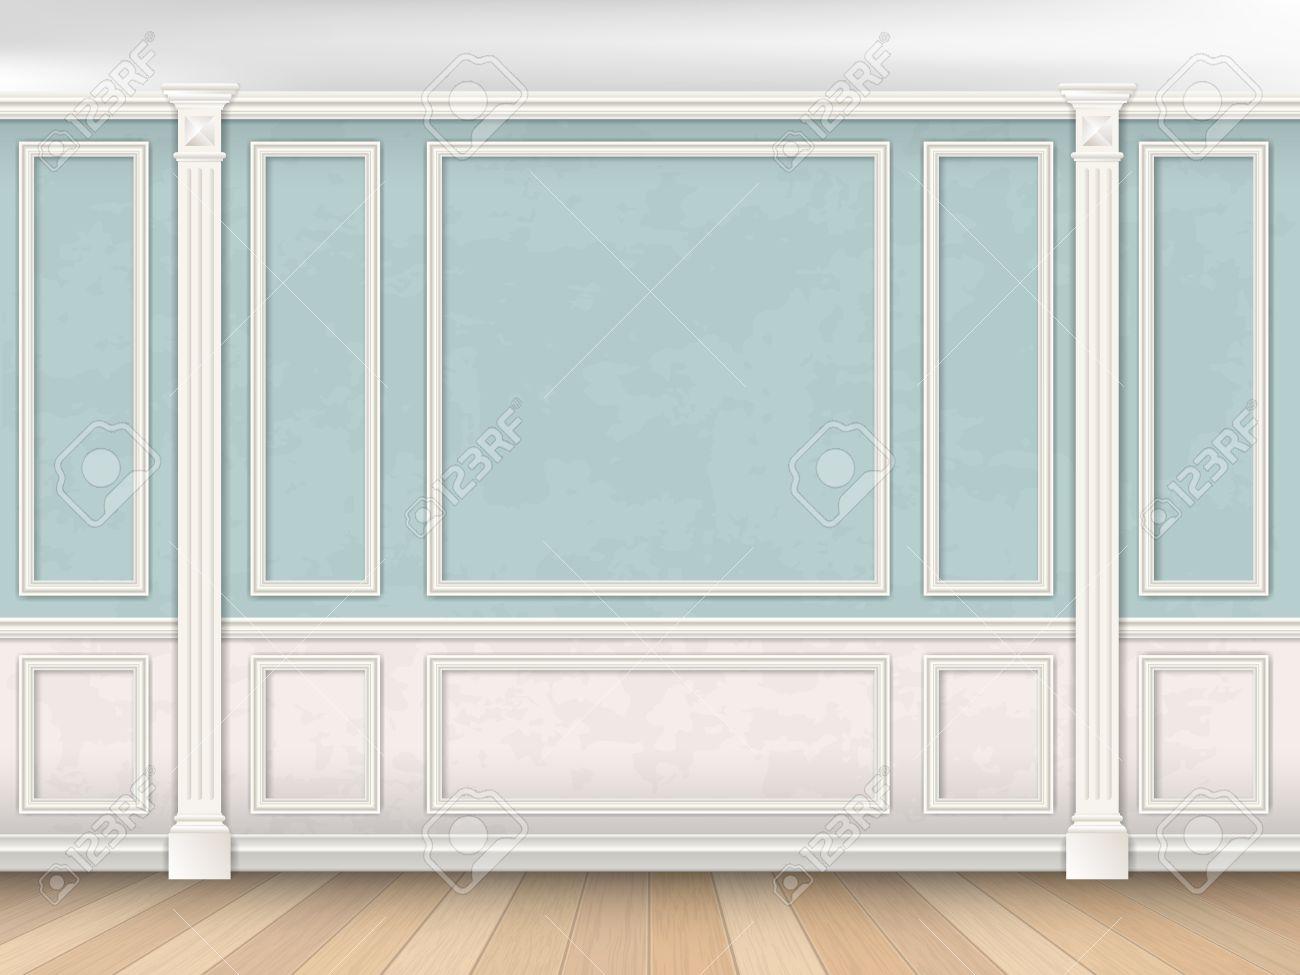 Intérieur Du Mur Bleu Dans Un Style Classique Avec Des Pilastres ...